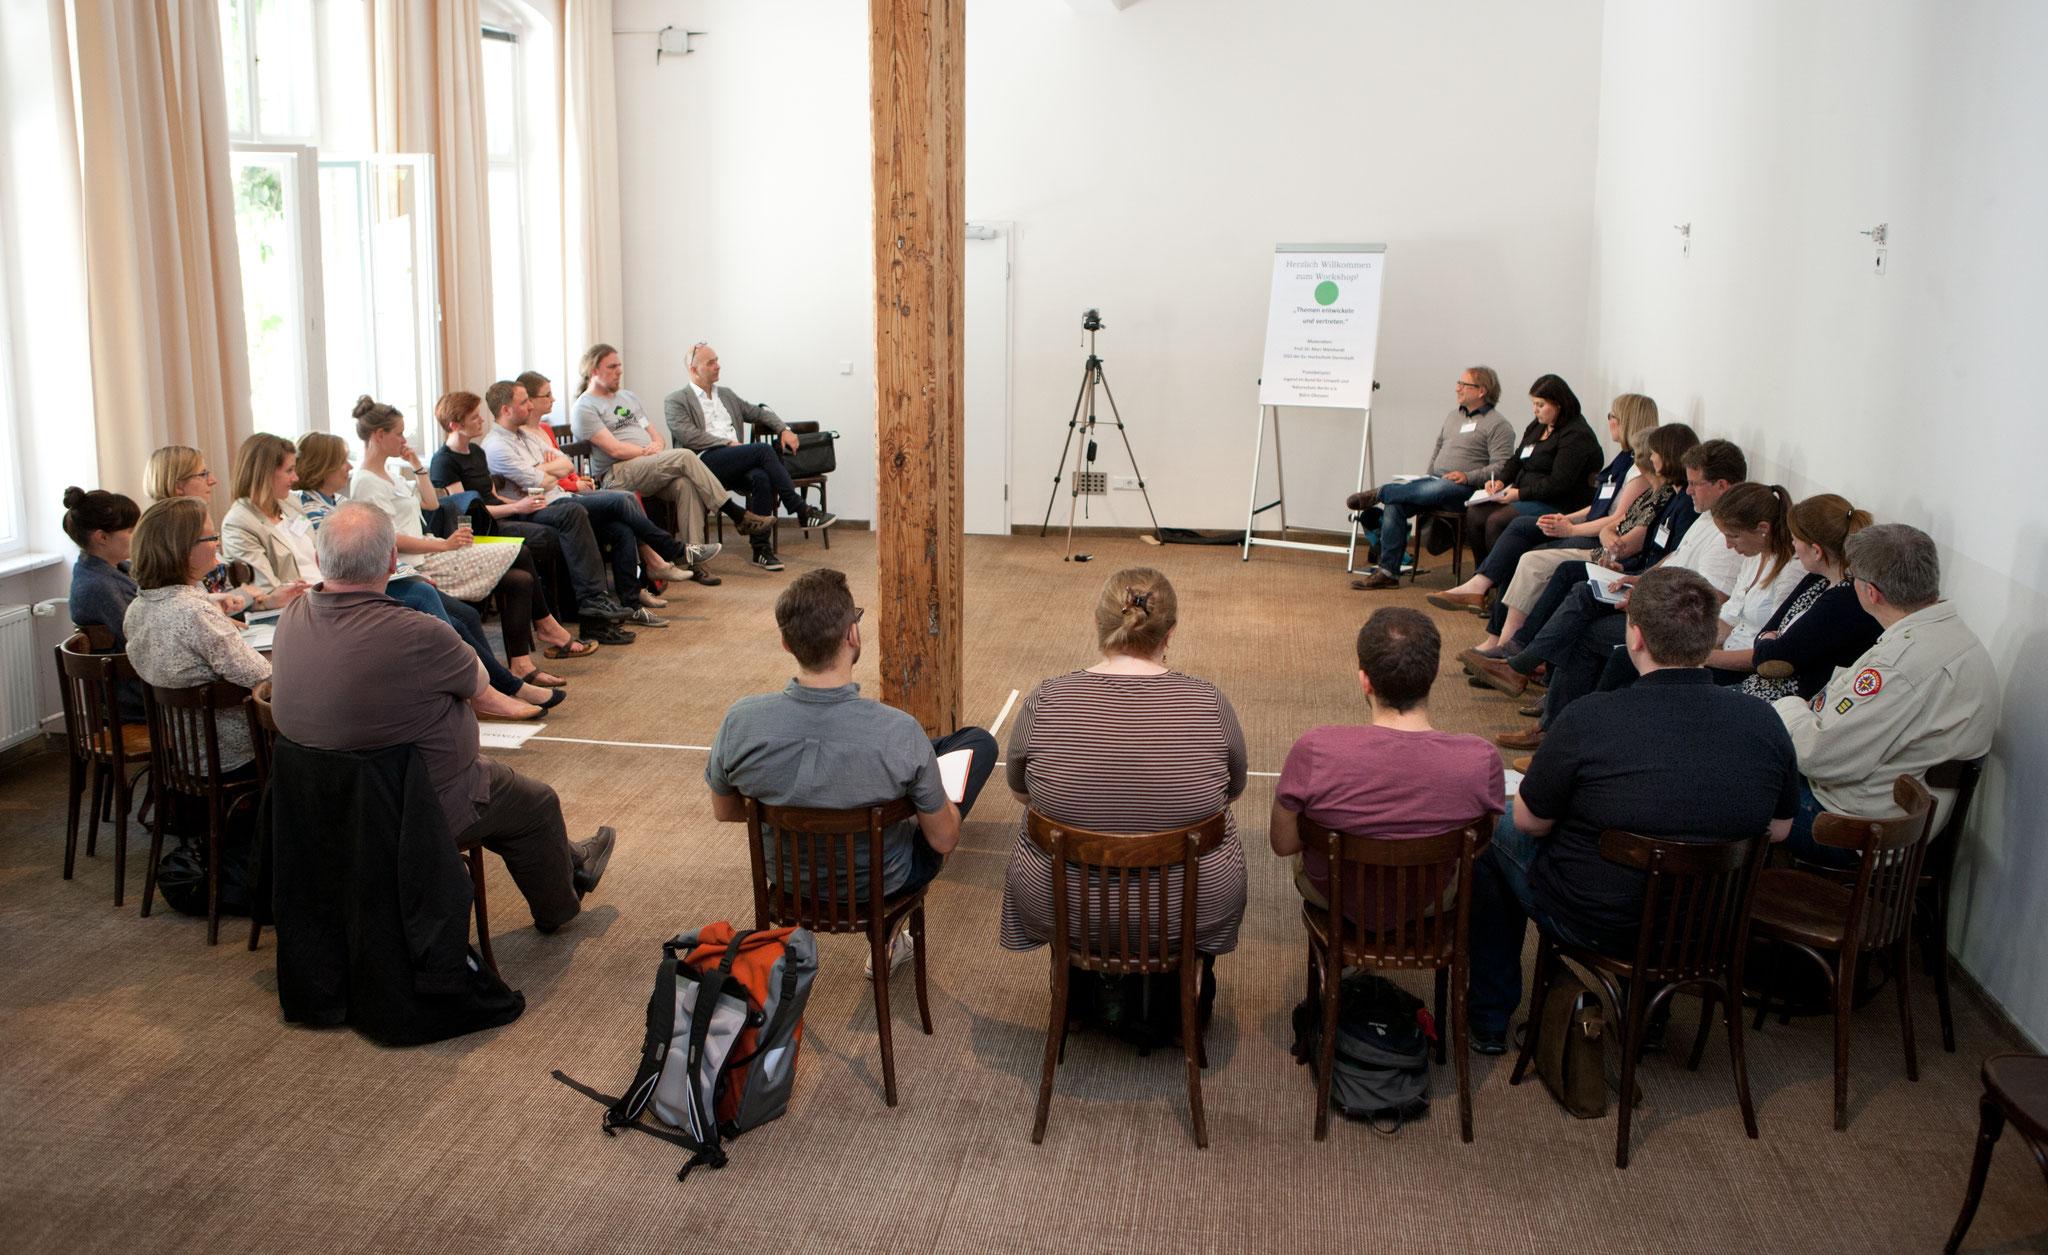 Mithilfe einer Fotoanalyse werden im schnellen Wechsel die Meinungen der Jugendorganisationen abgefragt. © Bertelsmann Stiftung